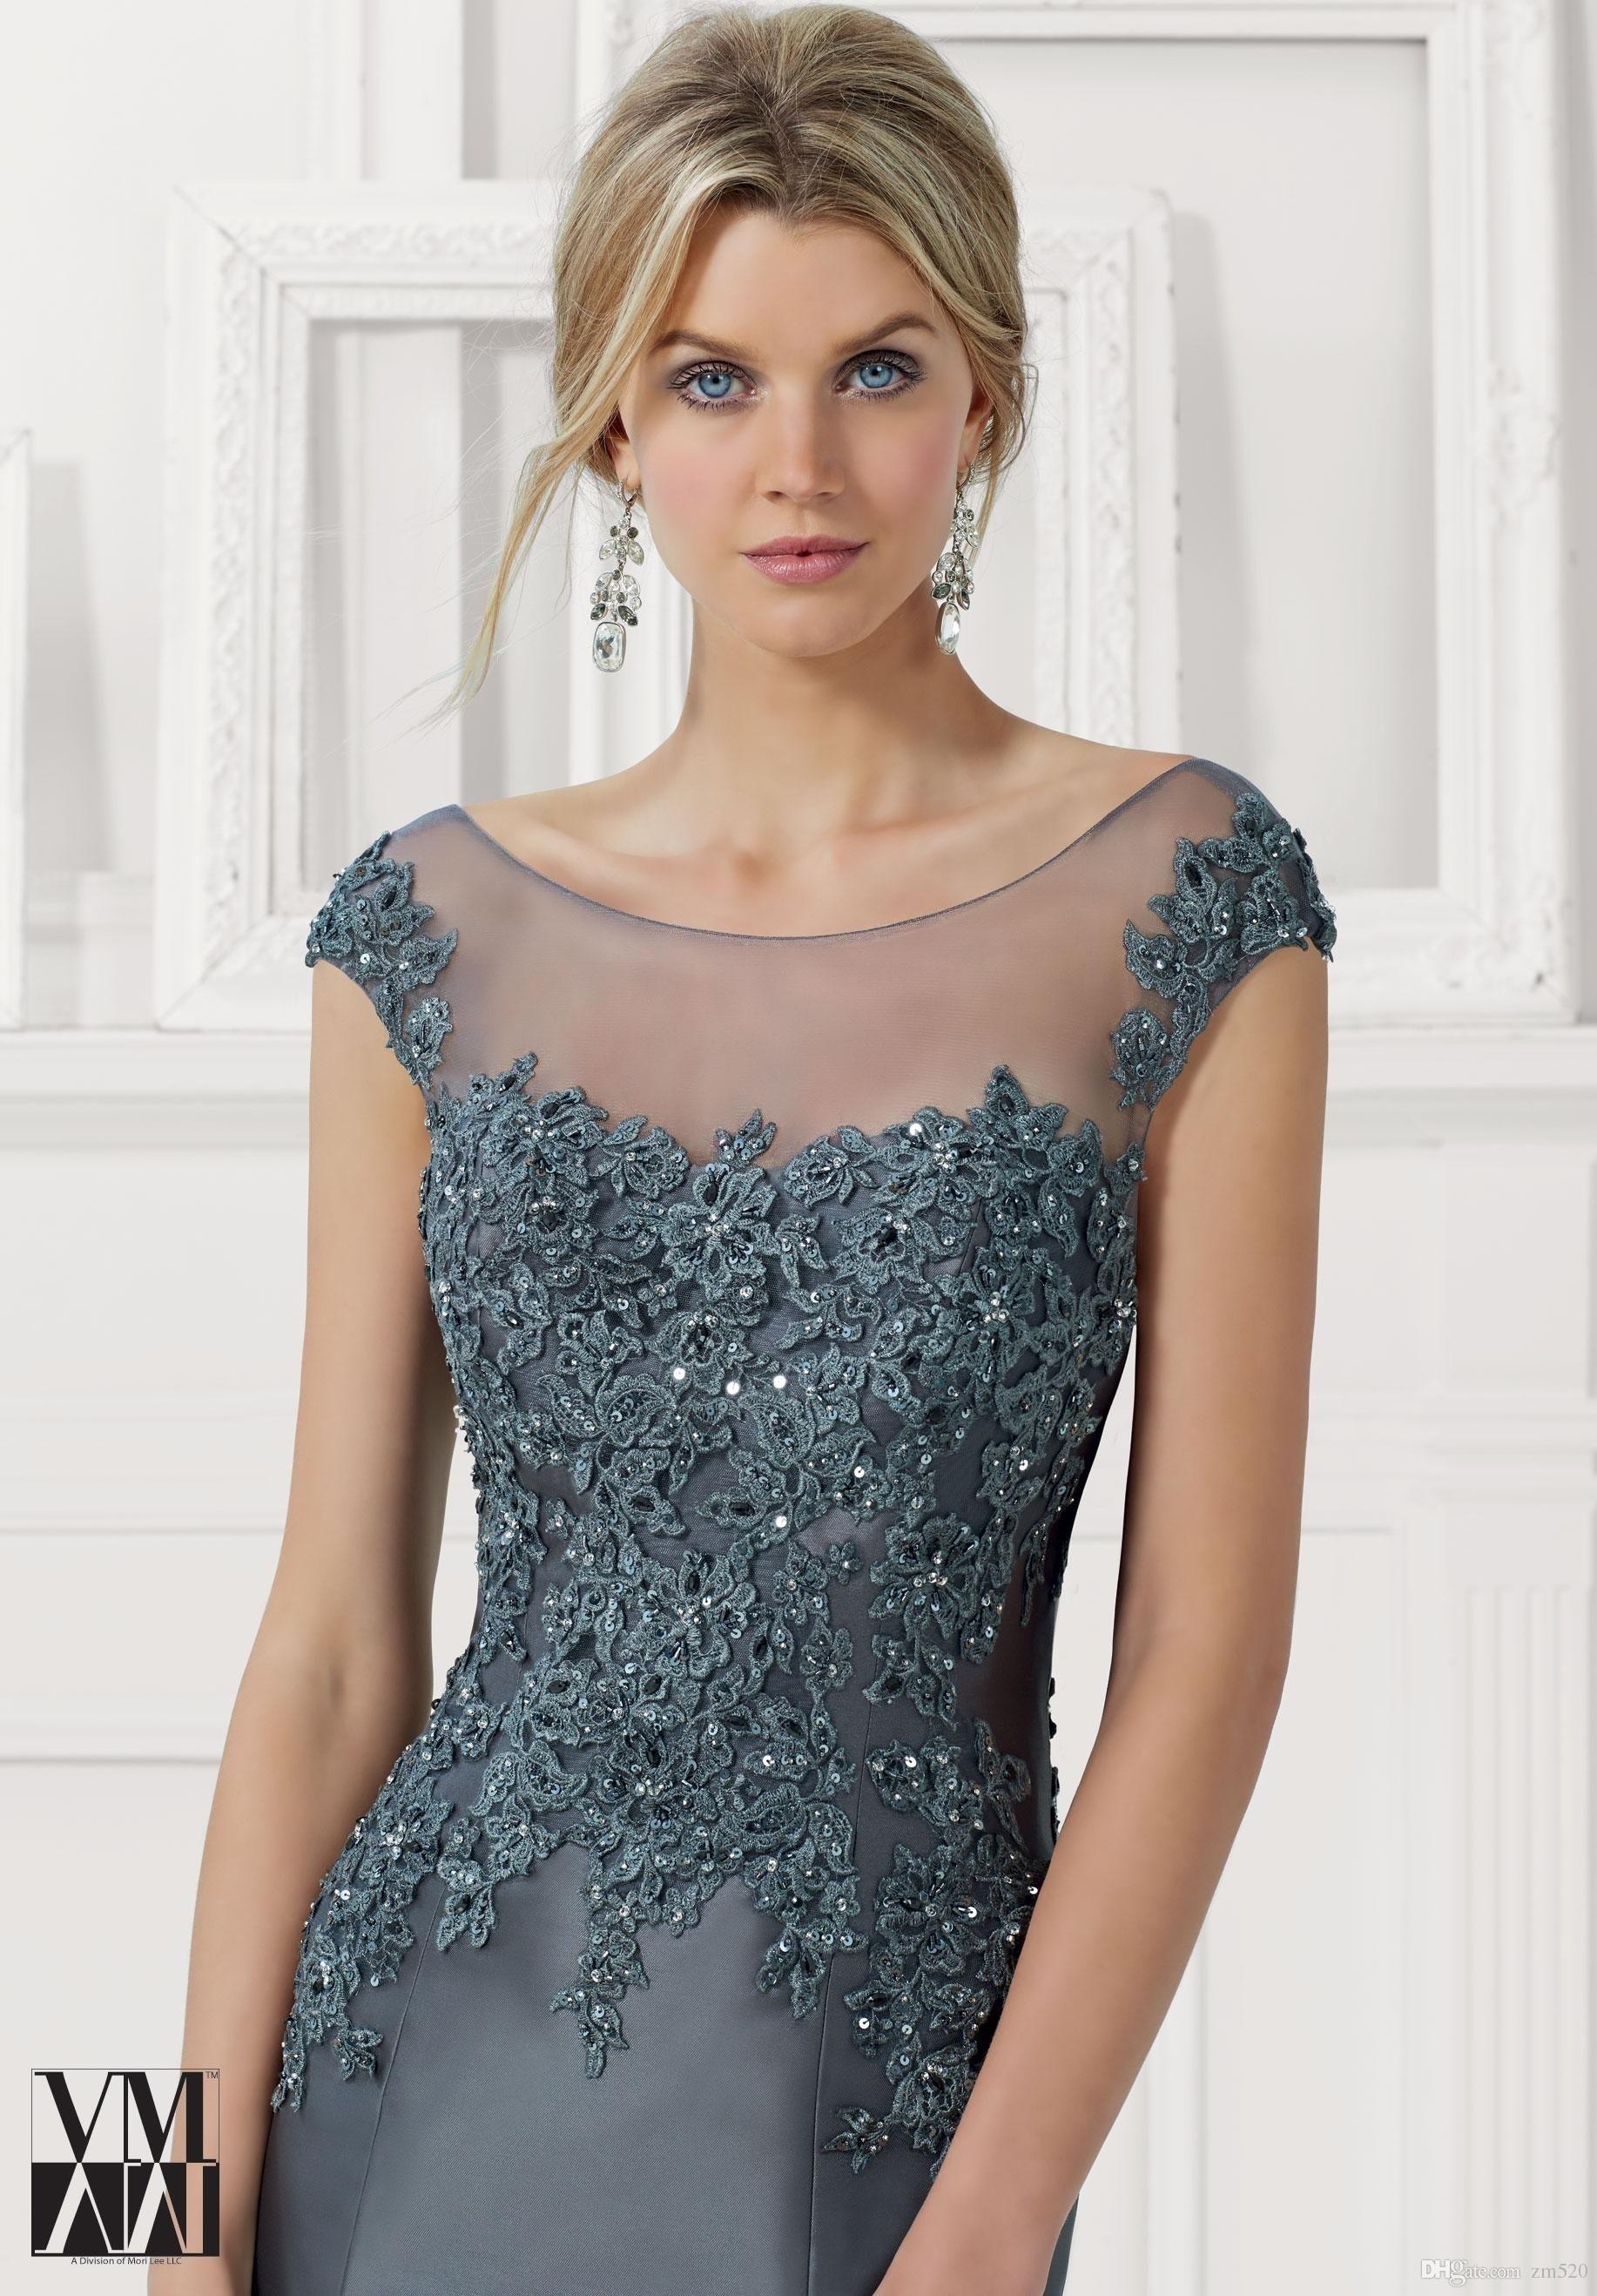 Leicht Kleider Schöne Anlässe Bester Preis13 Genial Kleider Schöne Anlässe Vertrieb